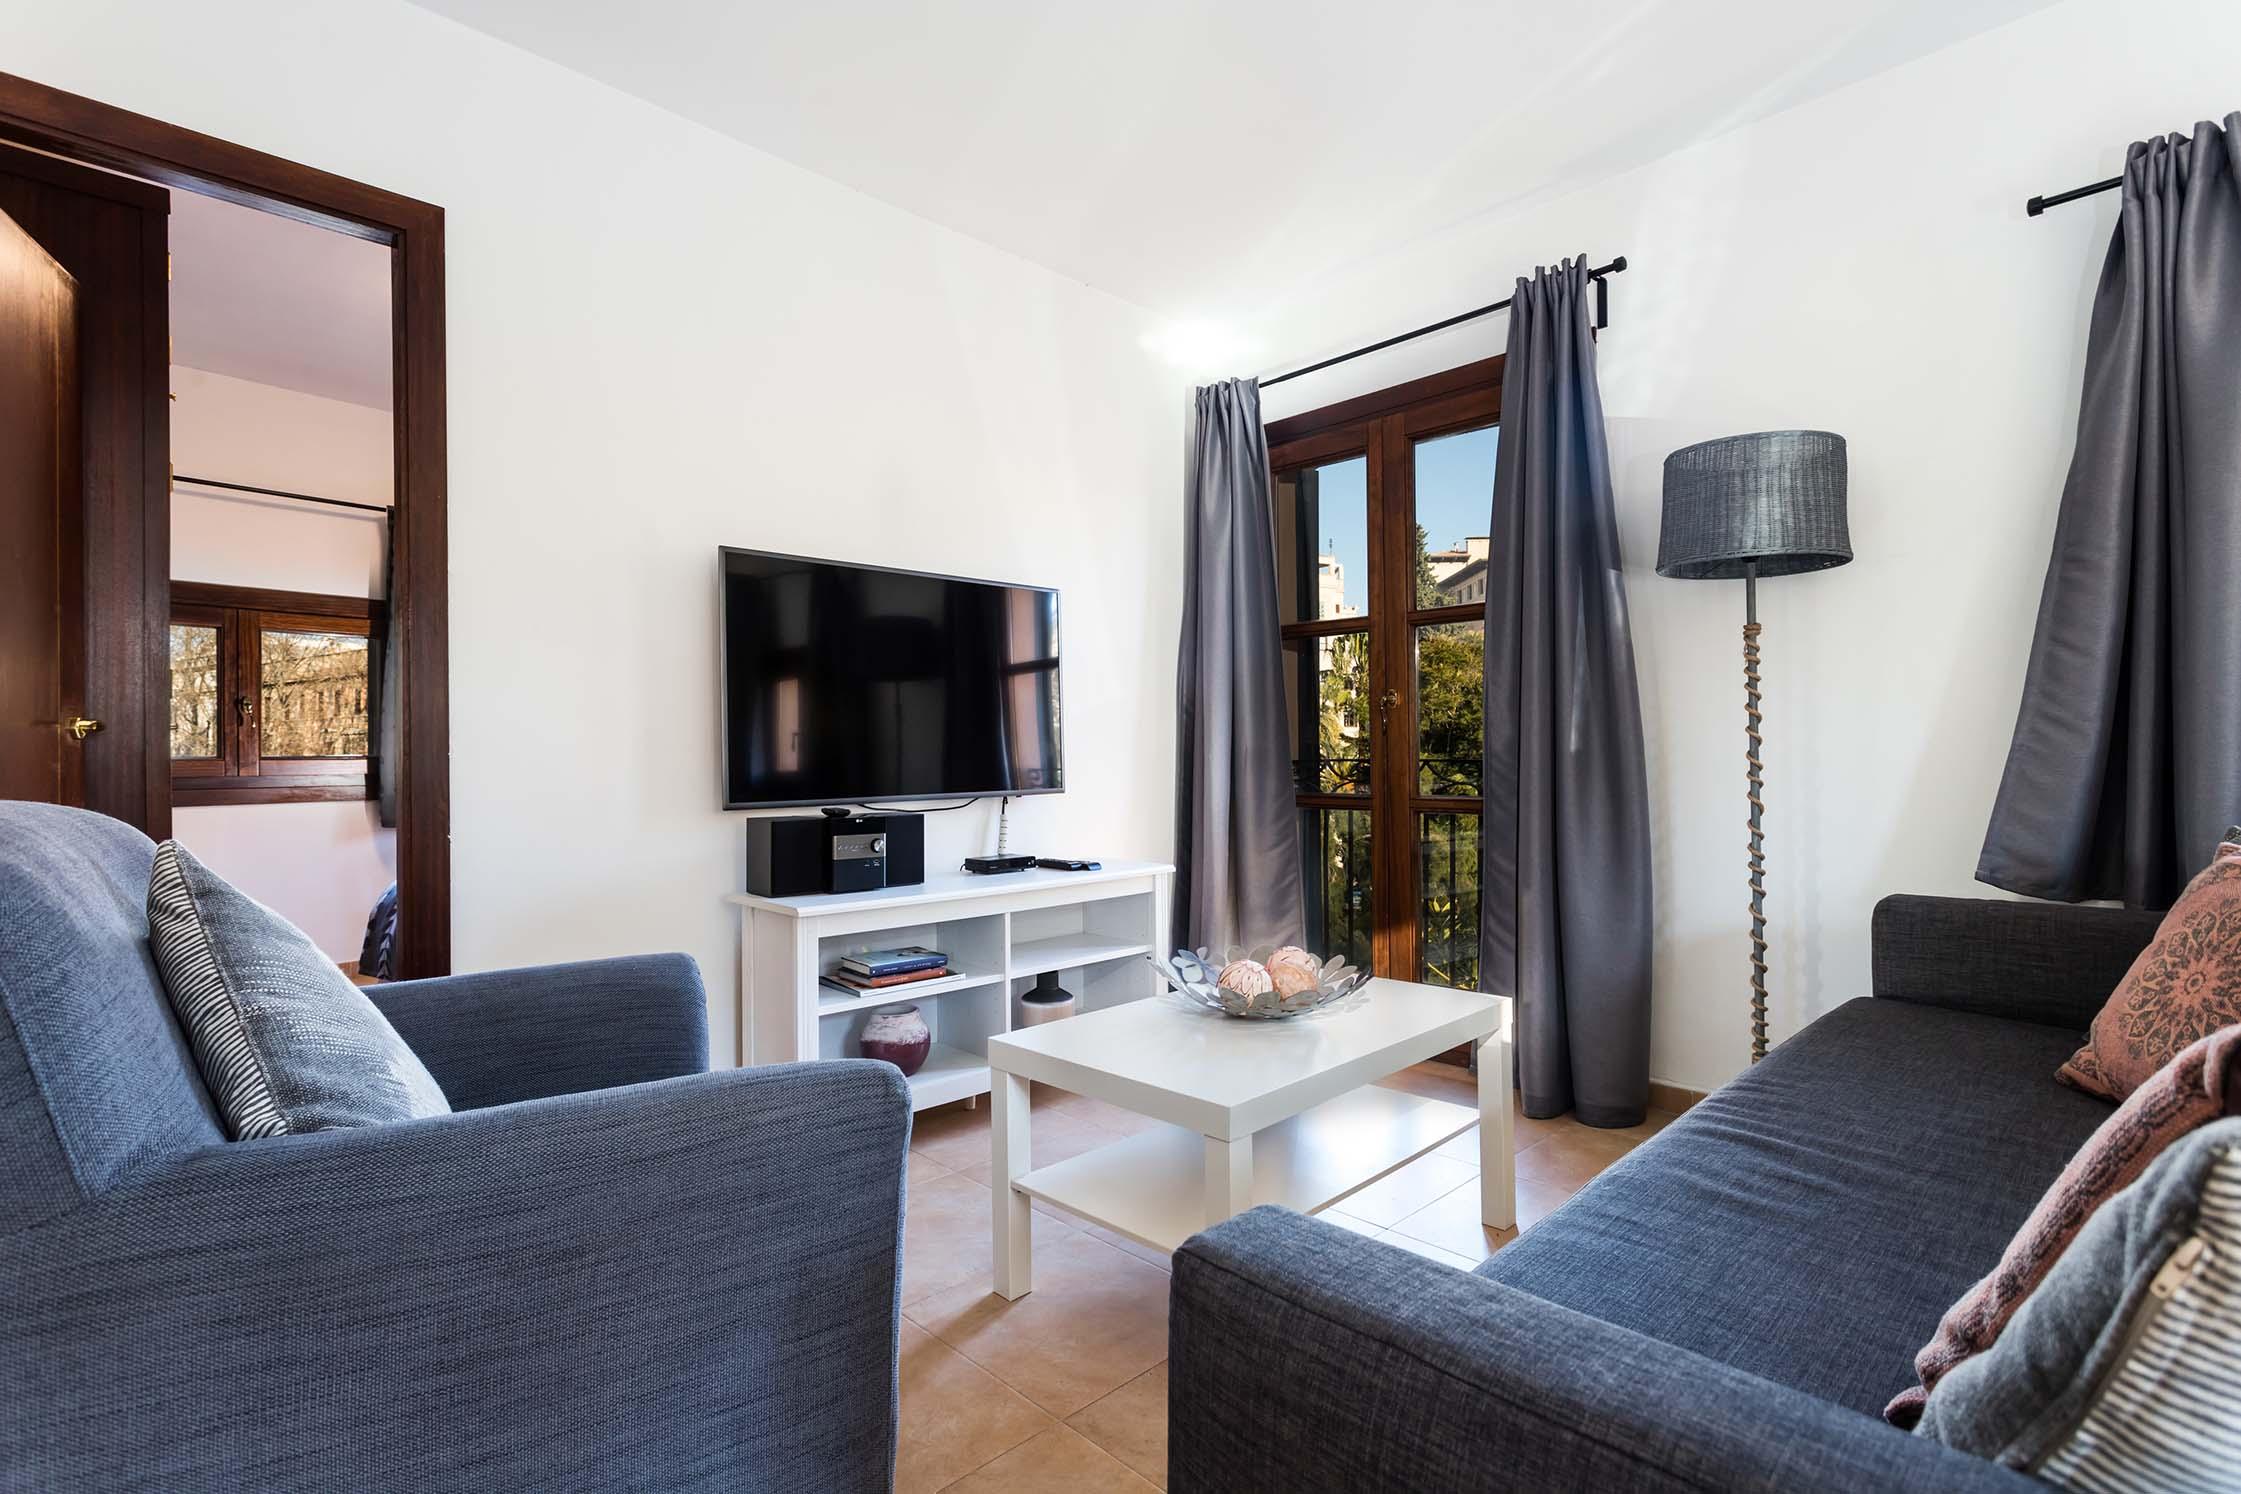 Borne-Suites-Apartamento-Ático-Terraza-Palma-de-Mallorca-Zona-de-Estar